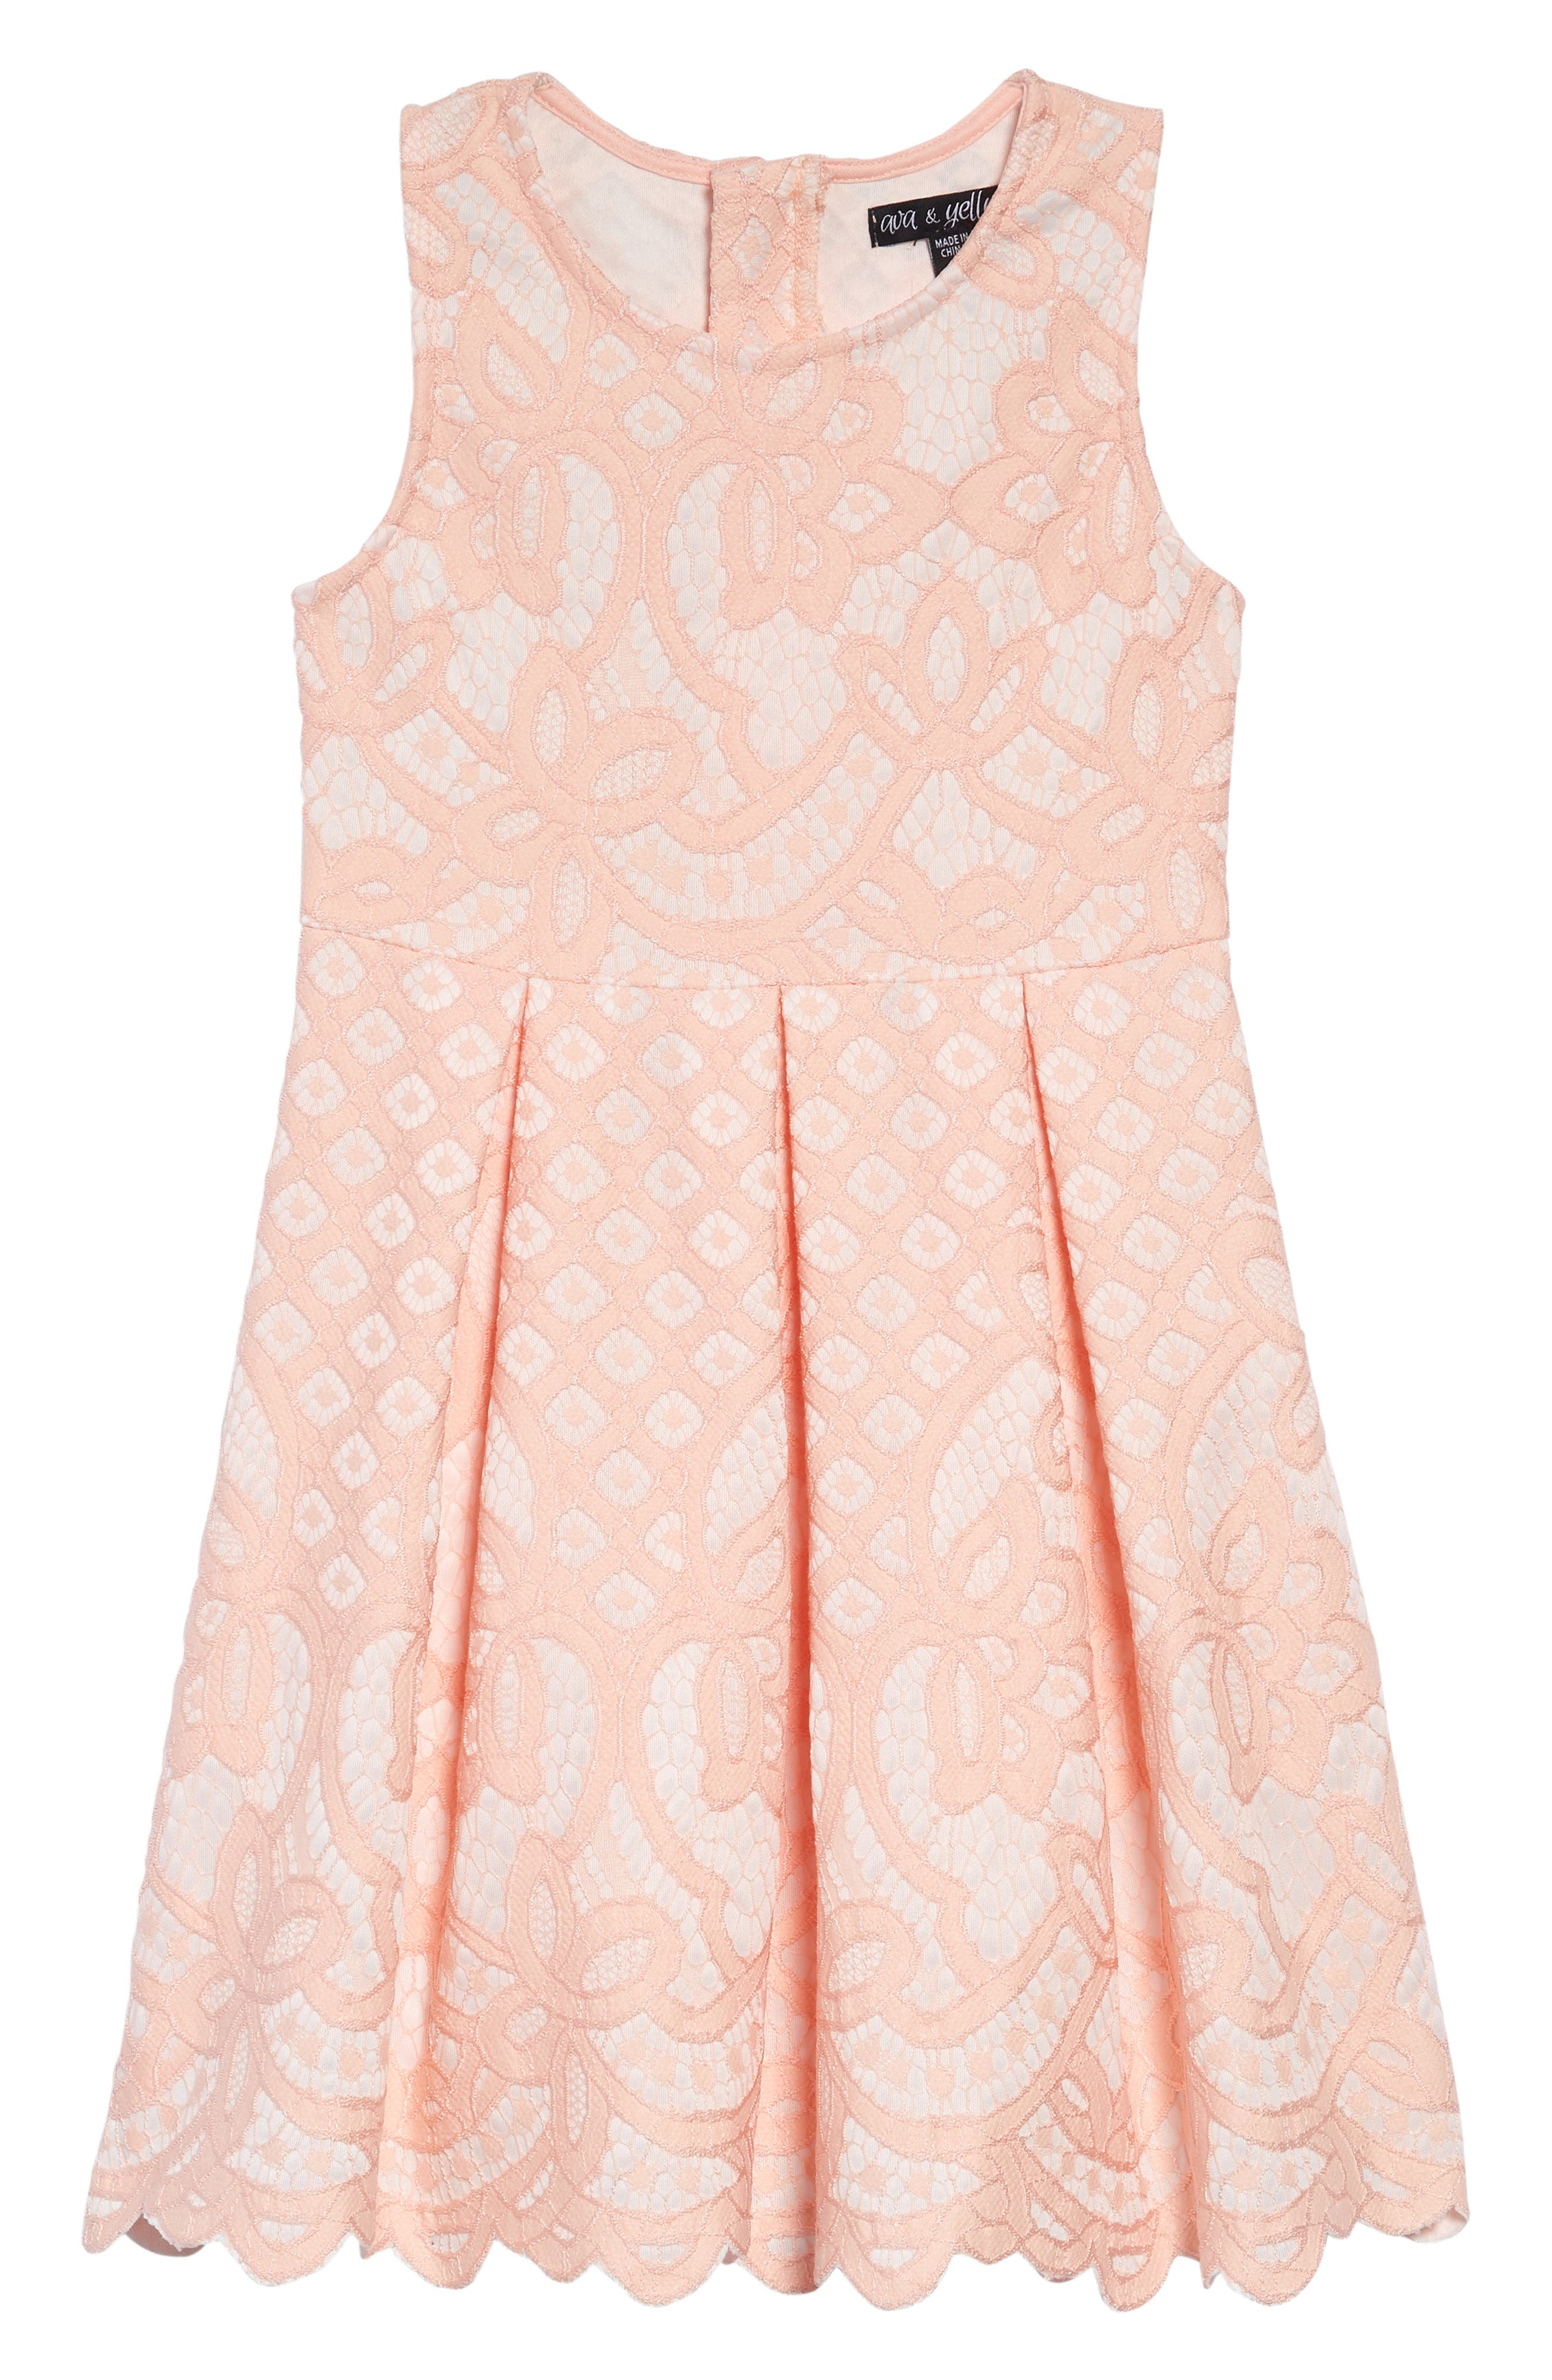 Two Tone Lace Dress,                             Main thumbnail 1, color,                             BLUSH